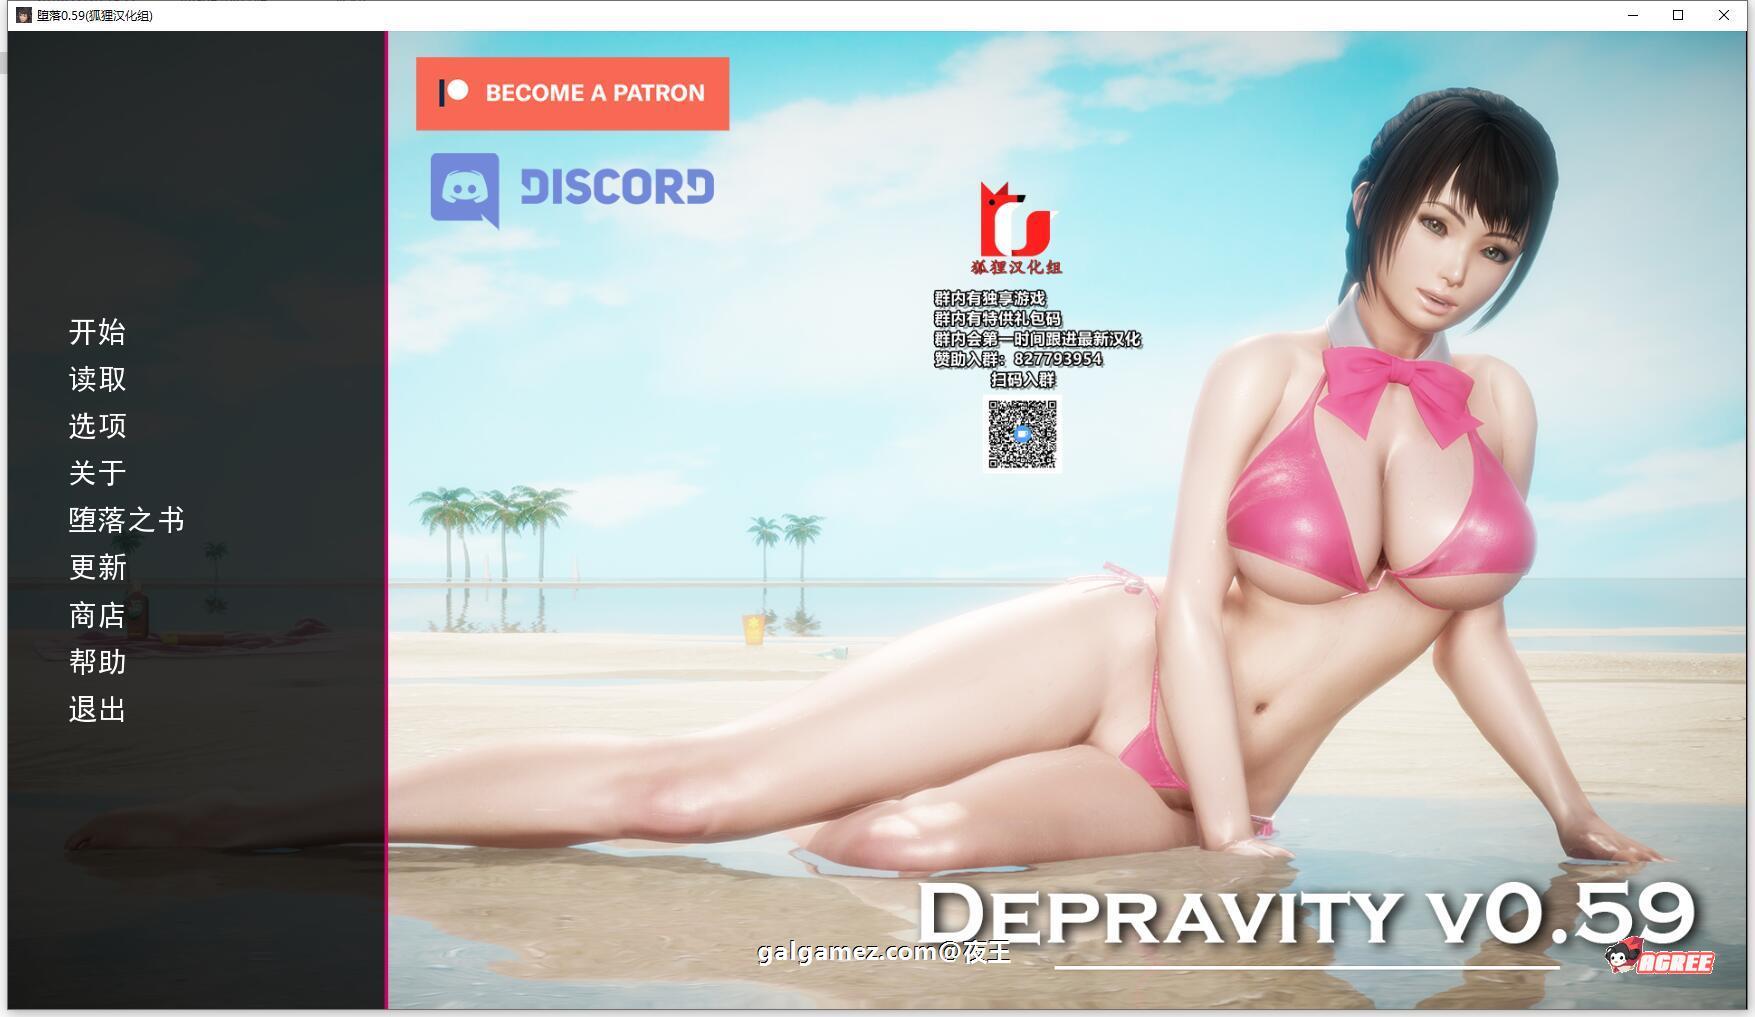 【大作SLG/汉化/动态】堕落 Depravity 0.59 精翻汉化版【1月大更新/PC+安卓/6.2G】 1